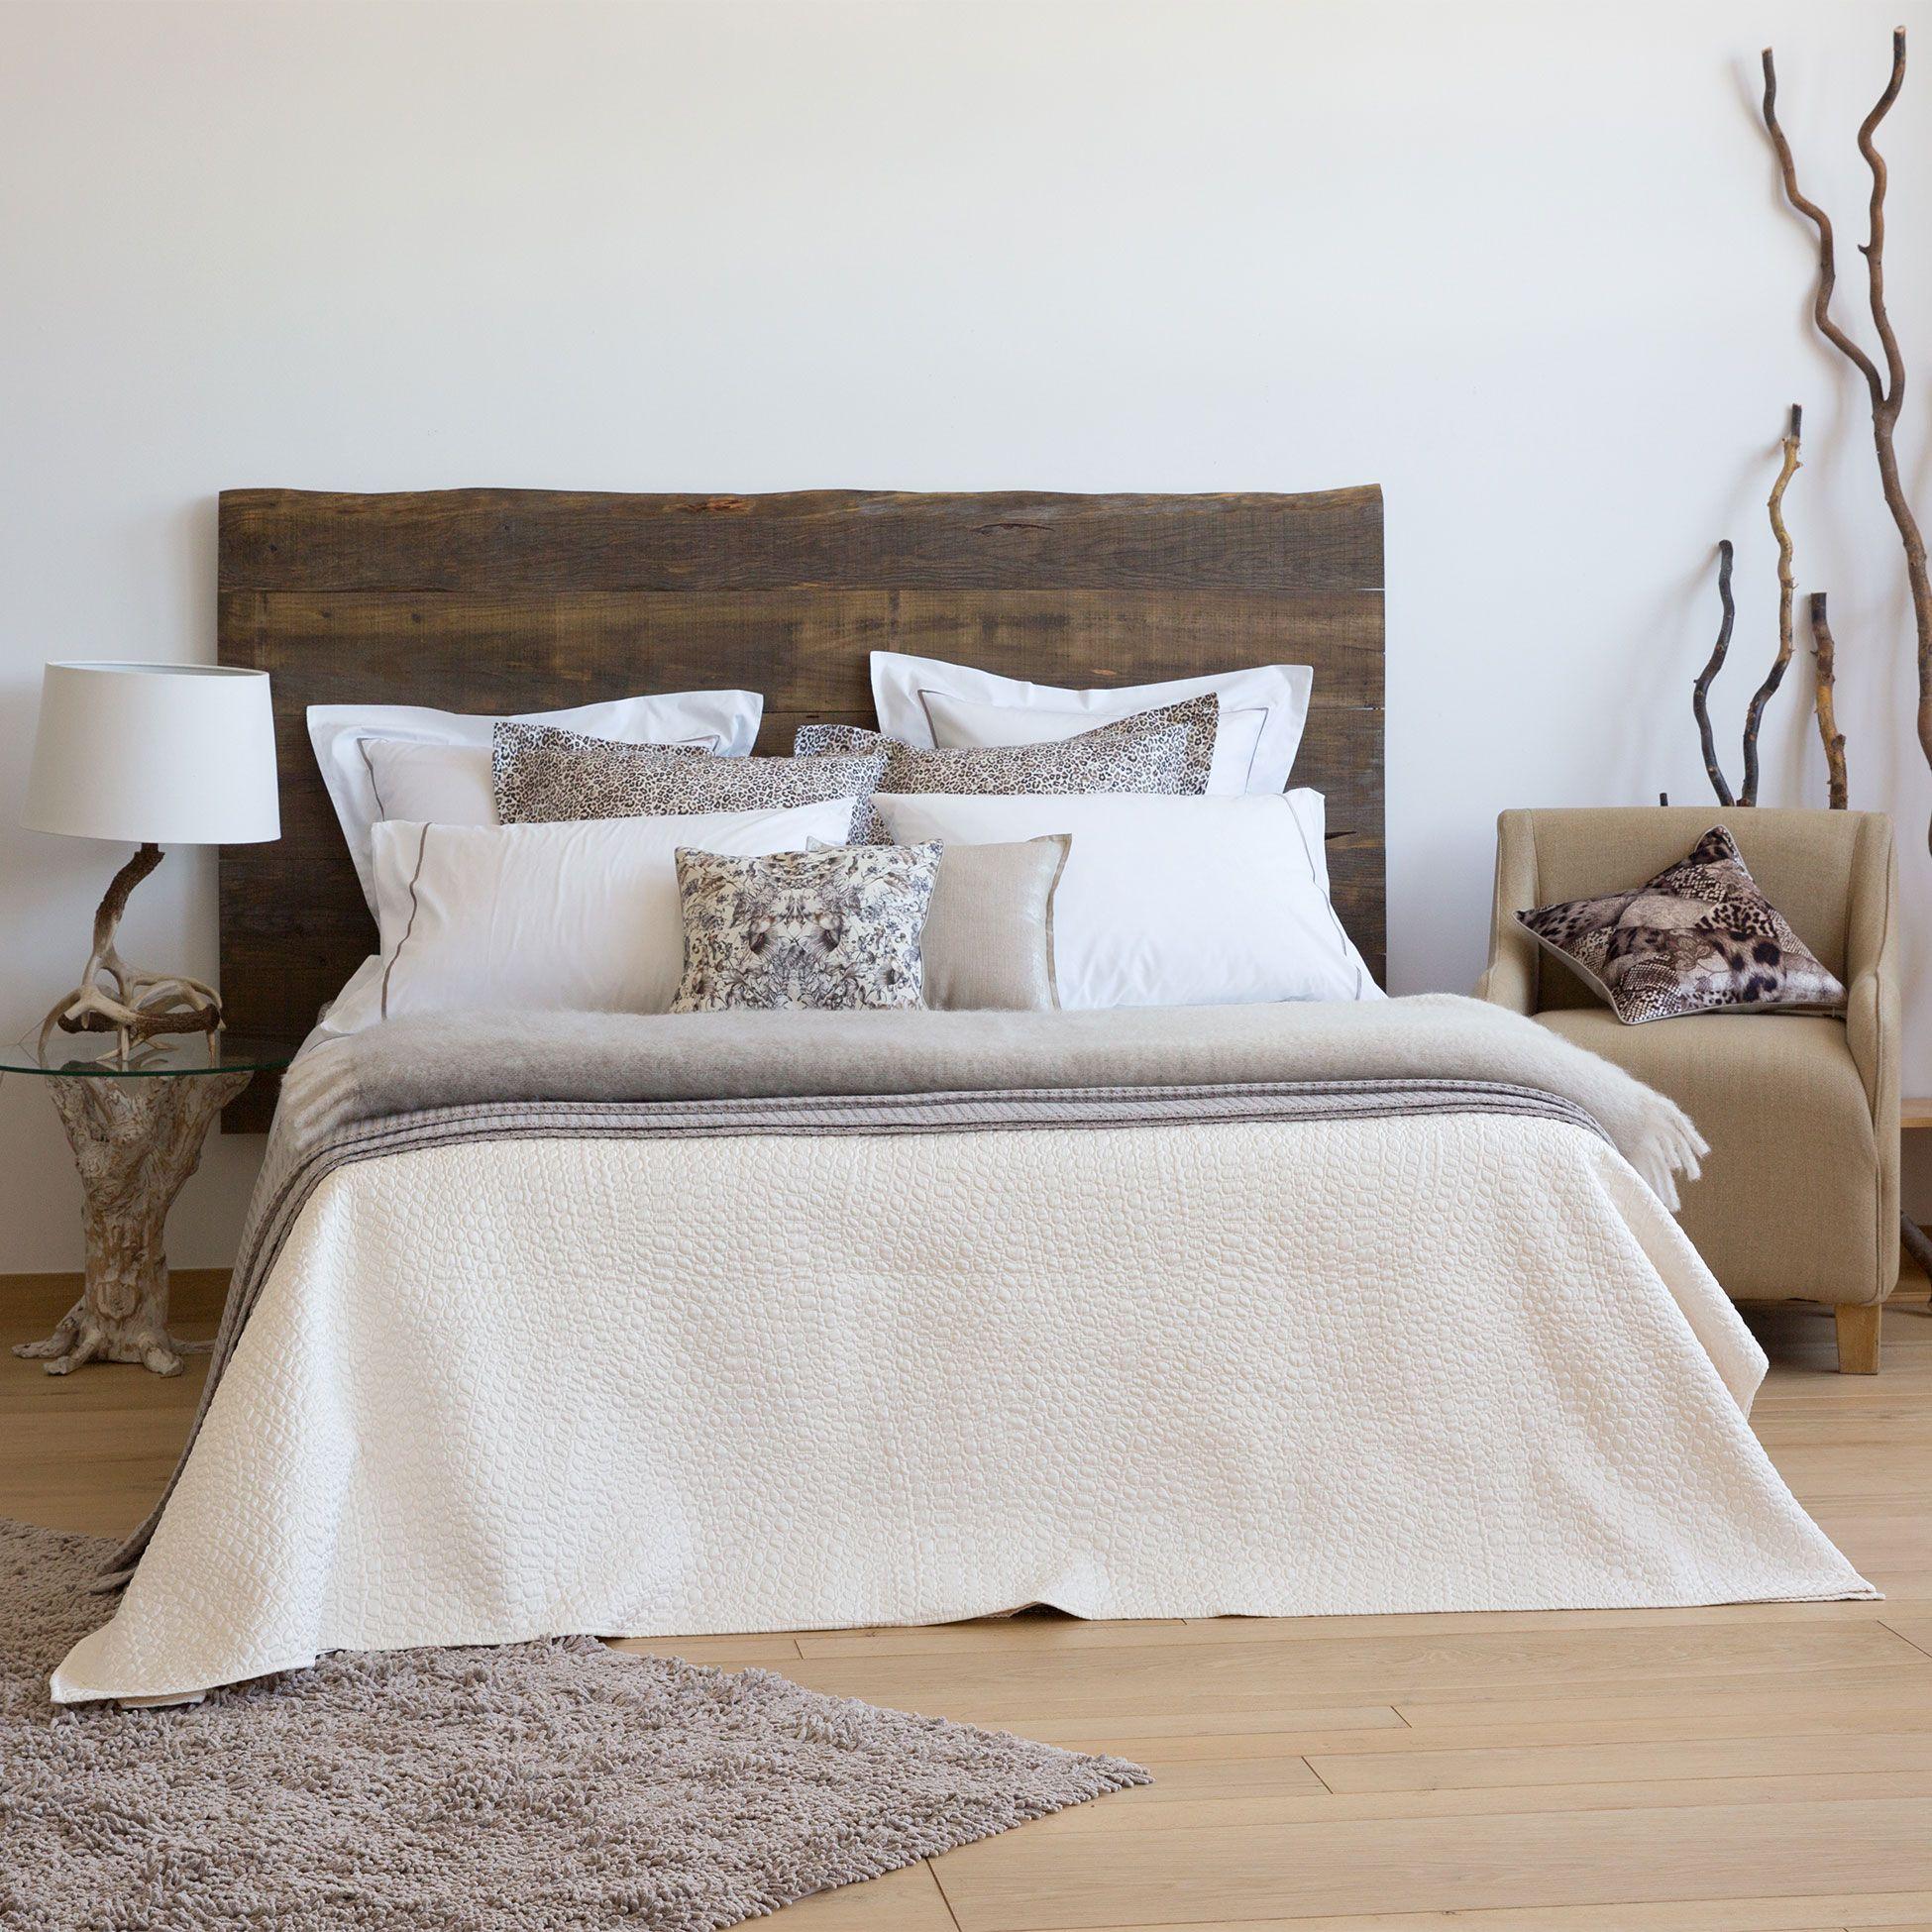 Bedspreien Zara Home.Sprei En Kussenhoes Met Structuur Dekbedden Bed Zara